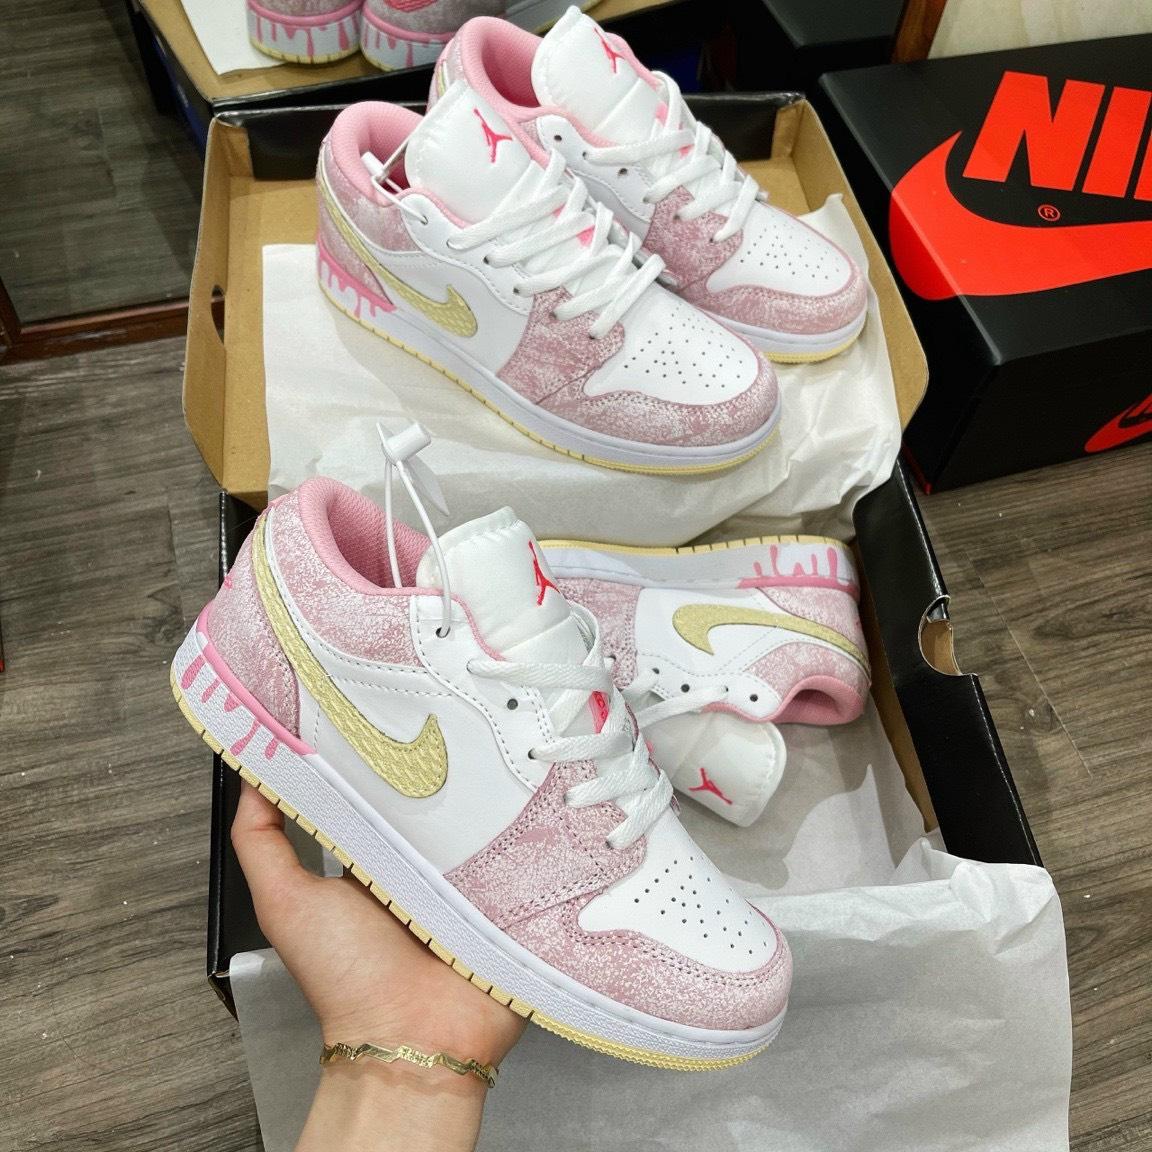 Giày Nike Air Jordan 1 Low Paint Drip màu hồng cá tính cho bánh bèo